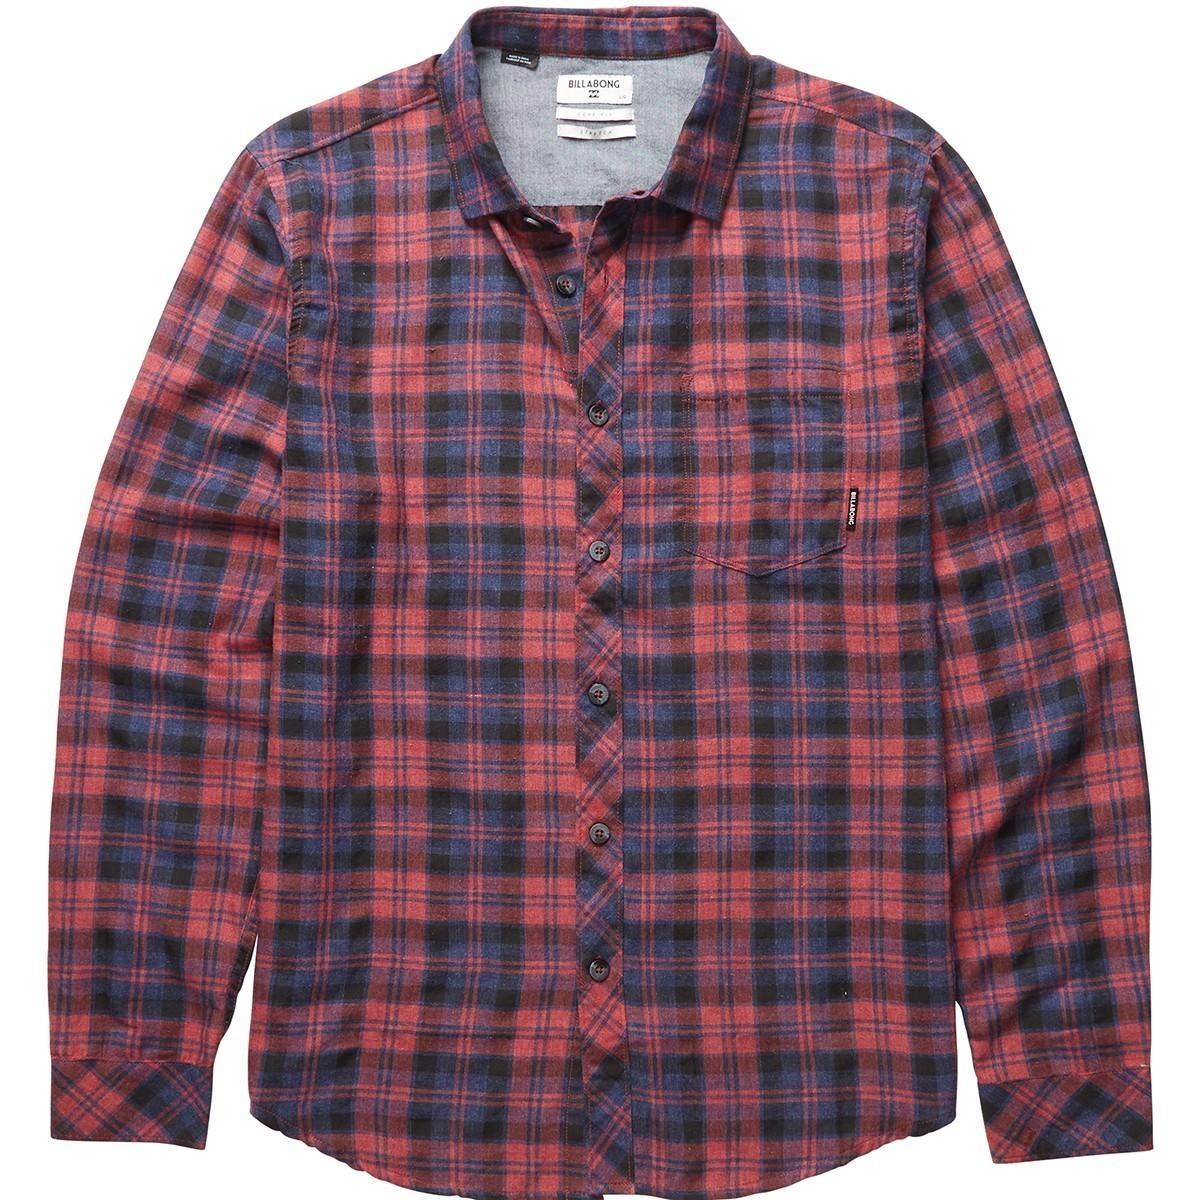 ea40f6e770a3848 Рубашка BILLABONG FREMONT FLANNEL LS SS17 купить в Москве,  Санкт-Петербурге. Рубашка BILLABONG FREMONT FLANNEL LS SS17 цена, отзывы,  скидки в магазине ...